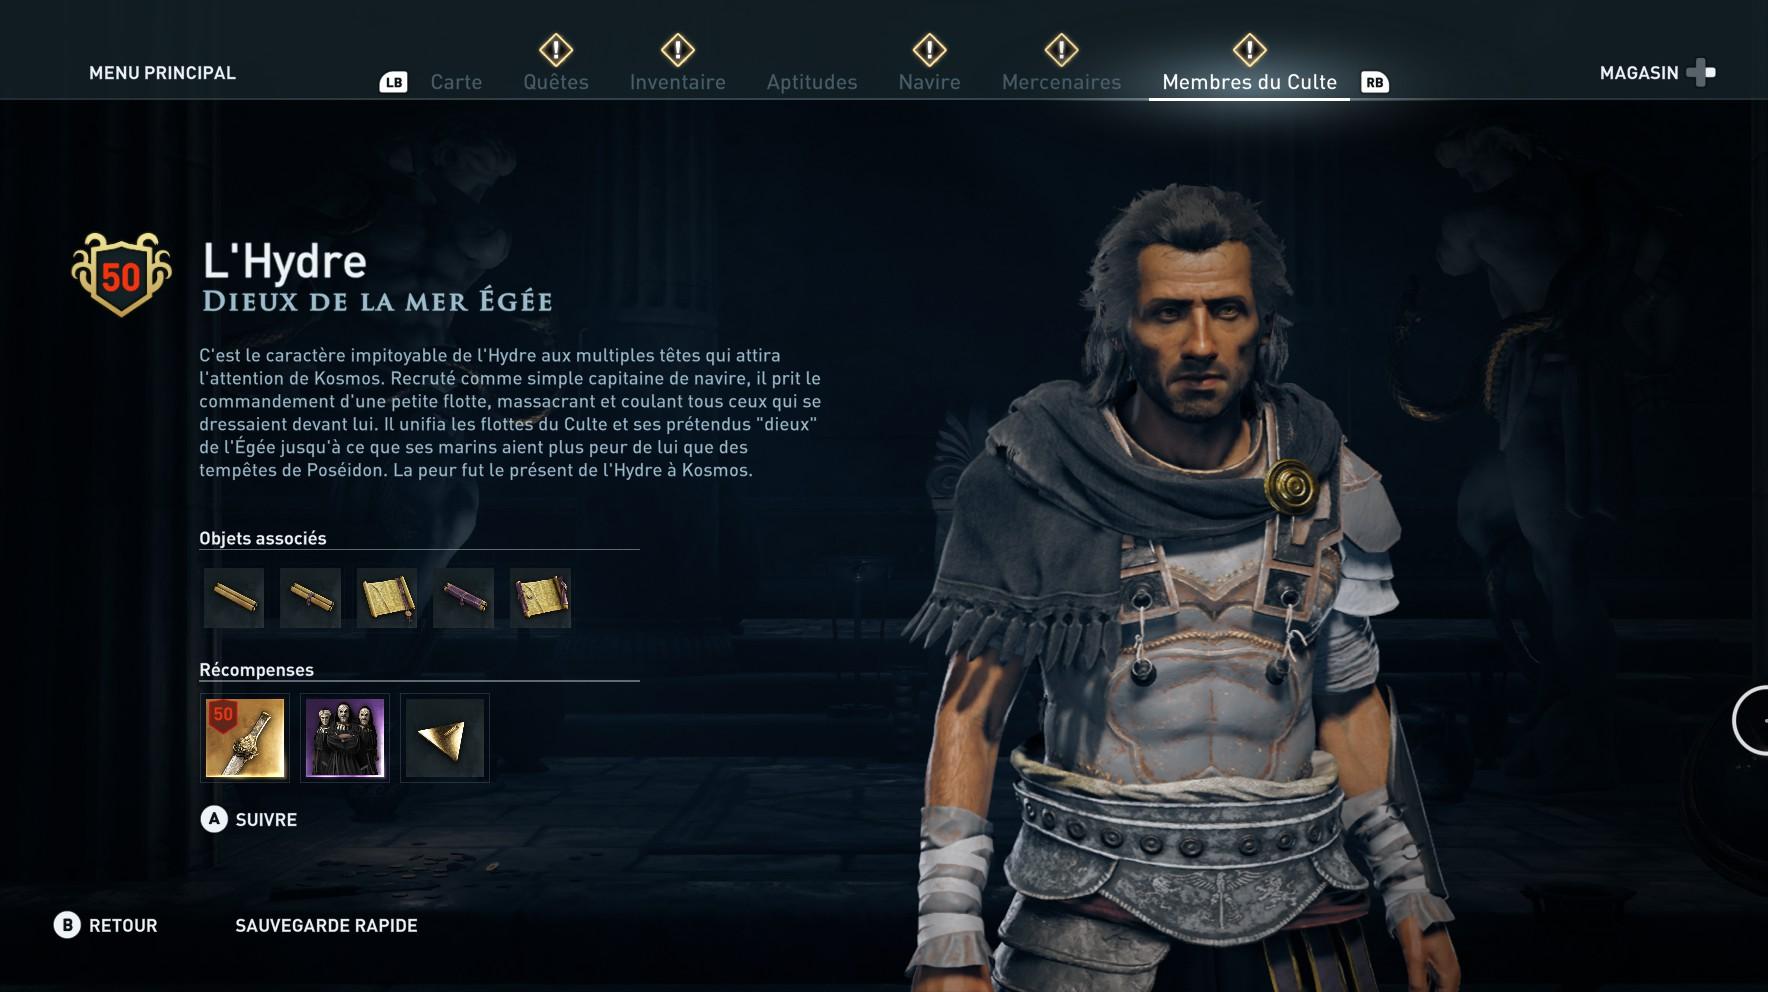 Assassin's Creed Odyssey trouver et tuer les adeptes du culte du Kosmos, ps4, xbox one, pc, ubisoft, jeu vidéo, dieux de la mer égée l'hydre